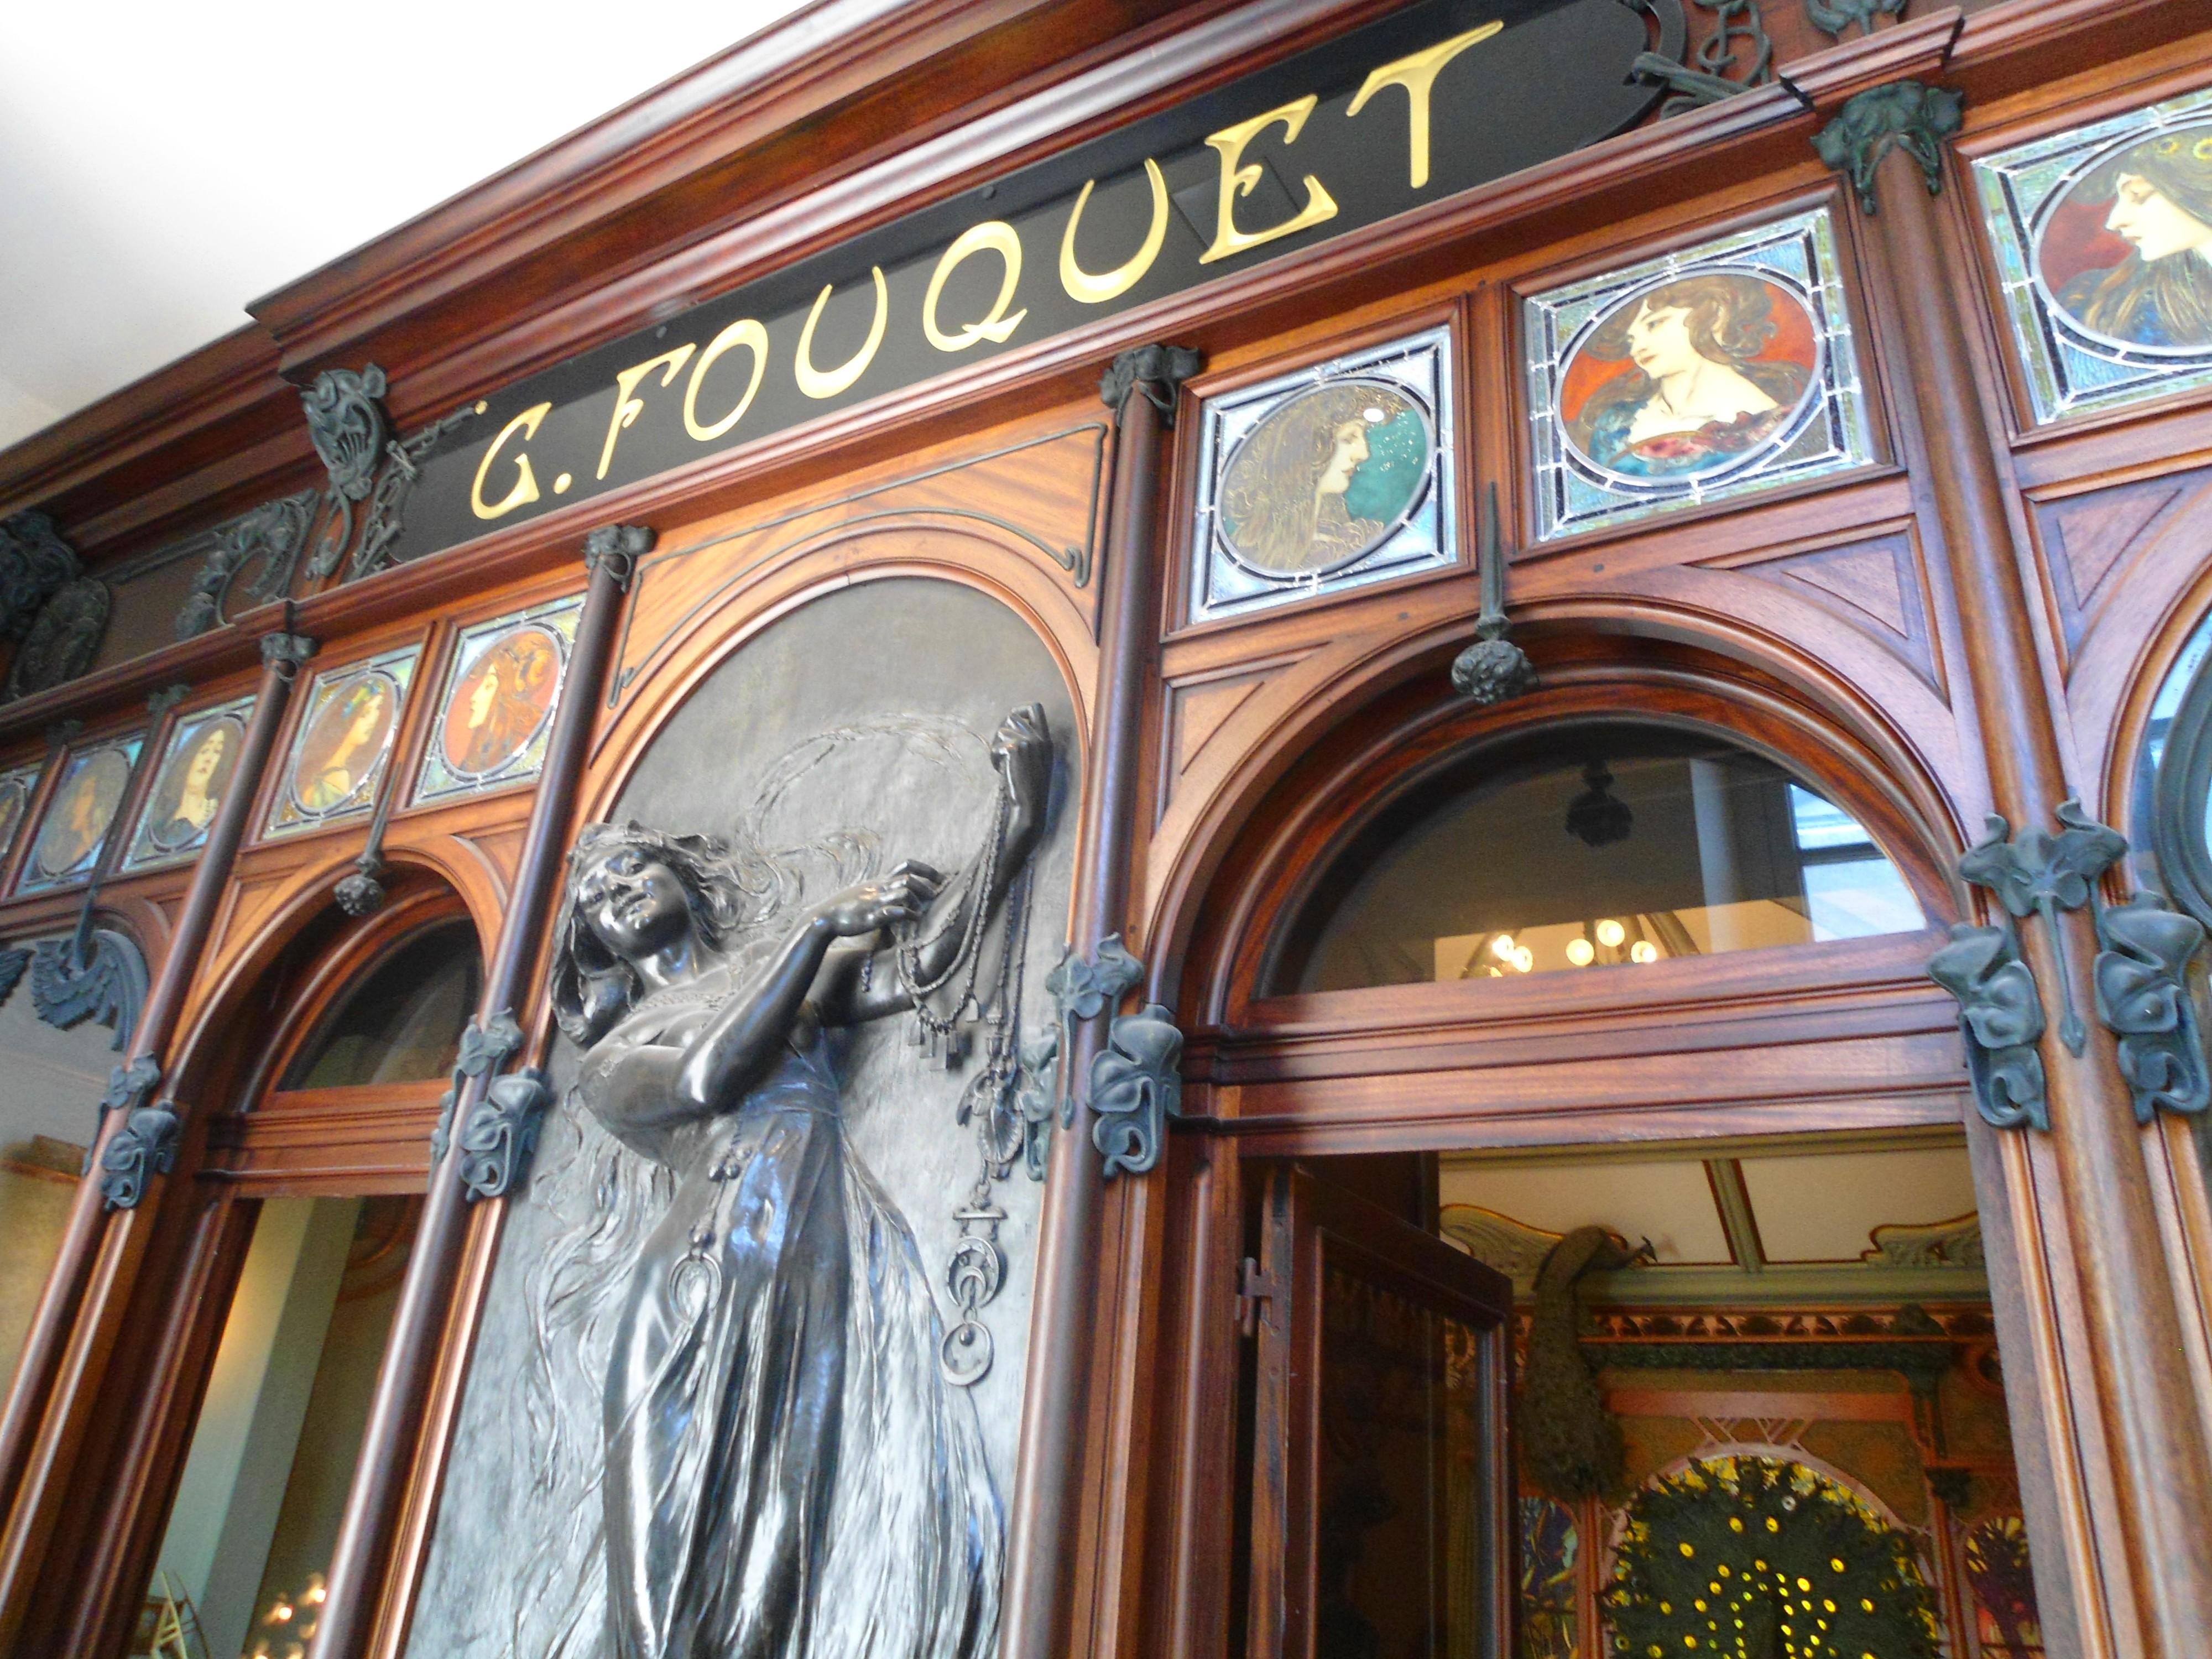 Alphonse Mucha voor Georges Fouquet, winkelpui. Collectie Musée Carnavalet. Foto Rebexho